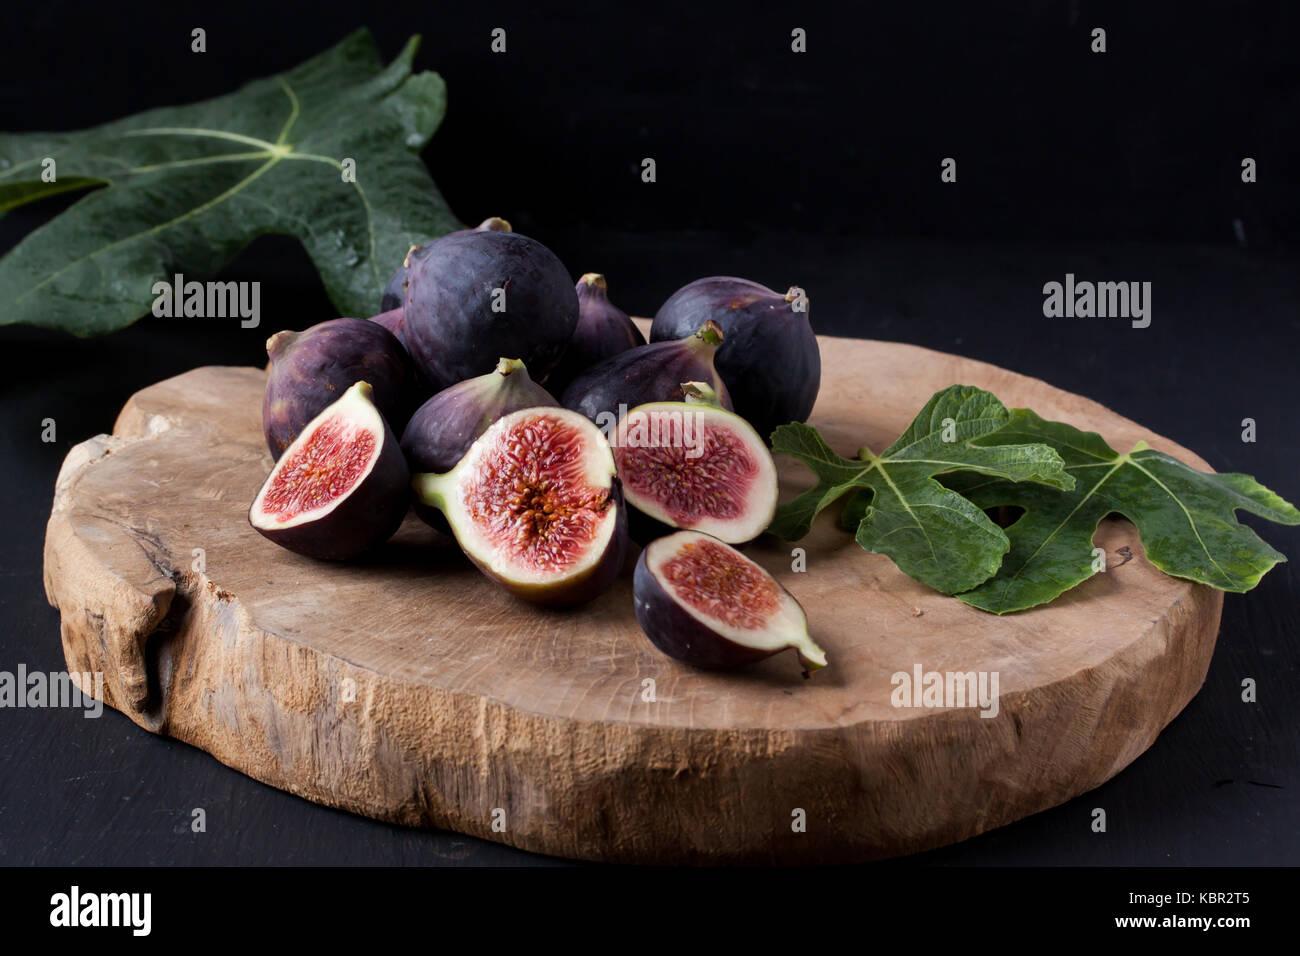 Los higos sobre una placa de madera Imagen De Stock